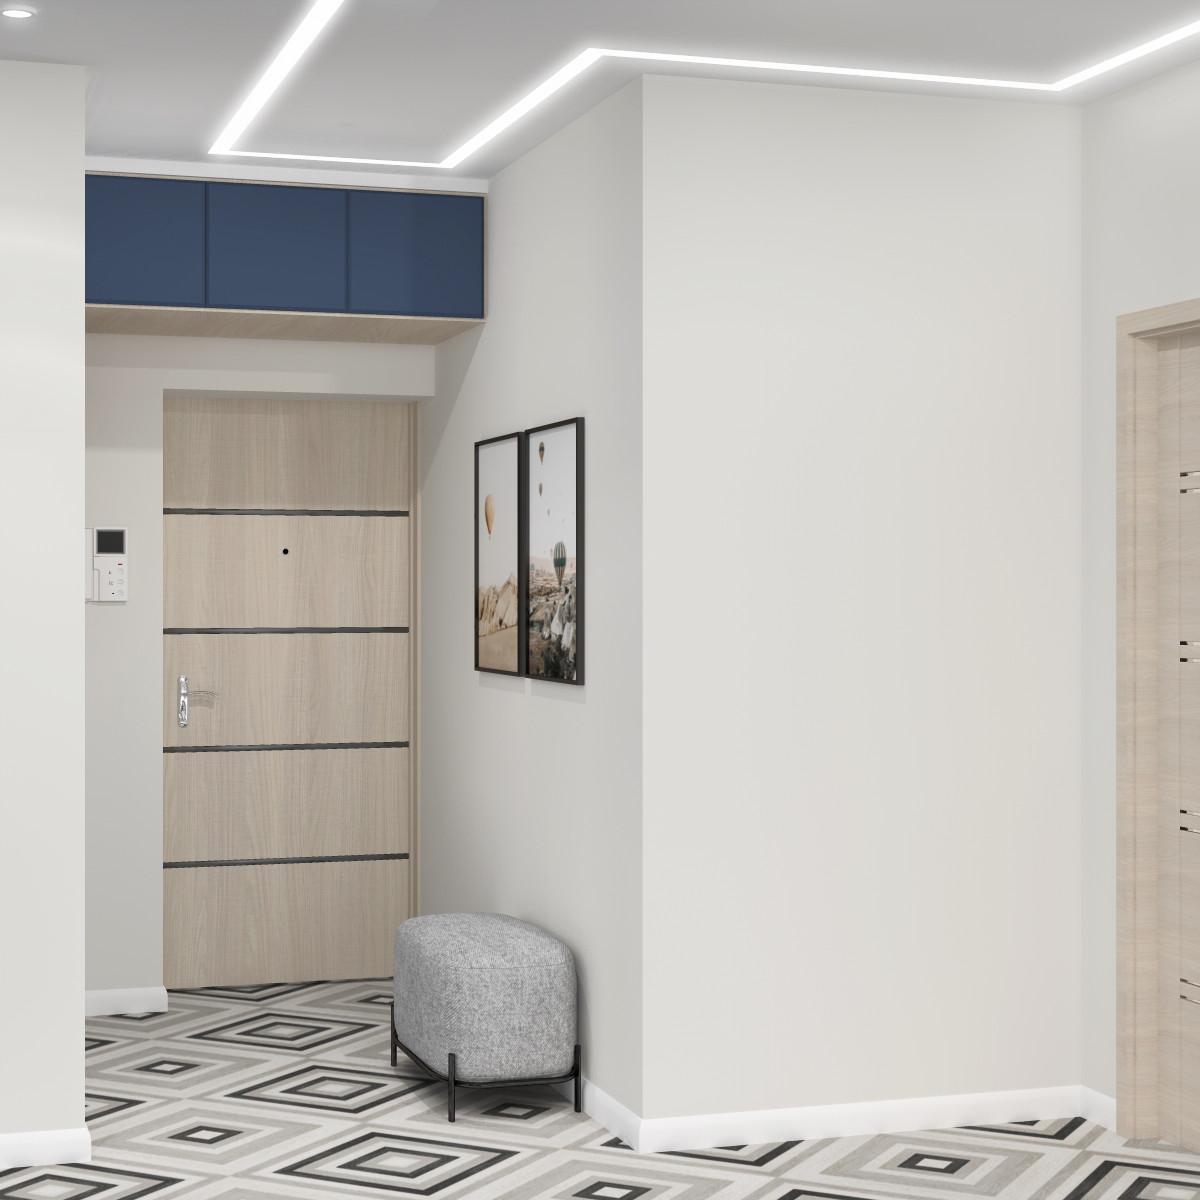 Дизайн квартиры в р-не Преображенское